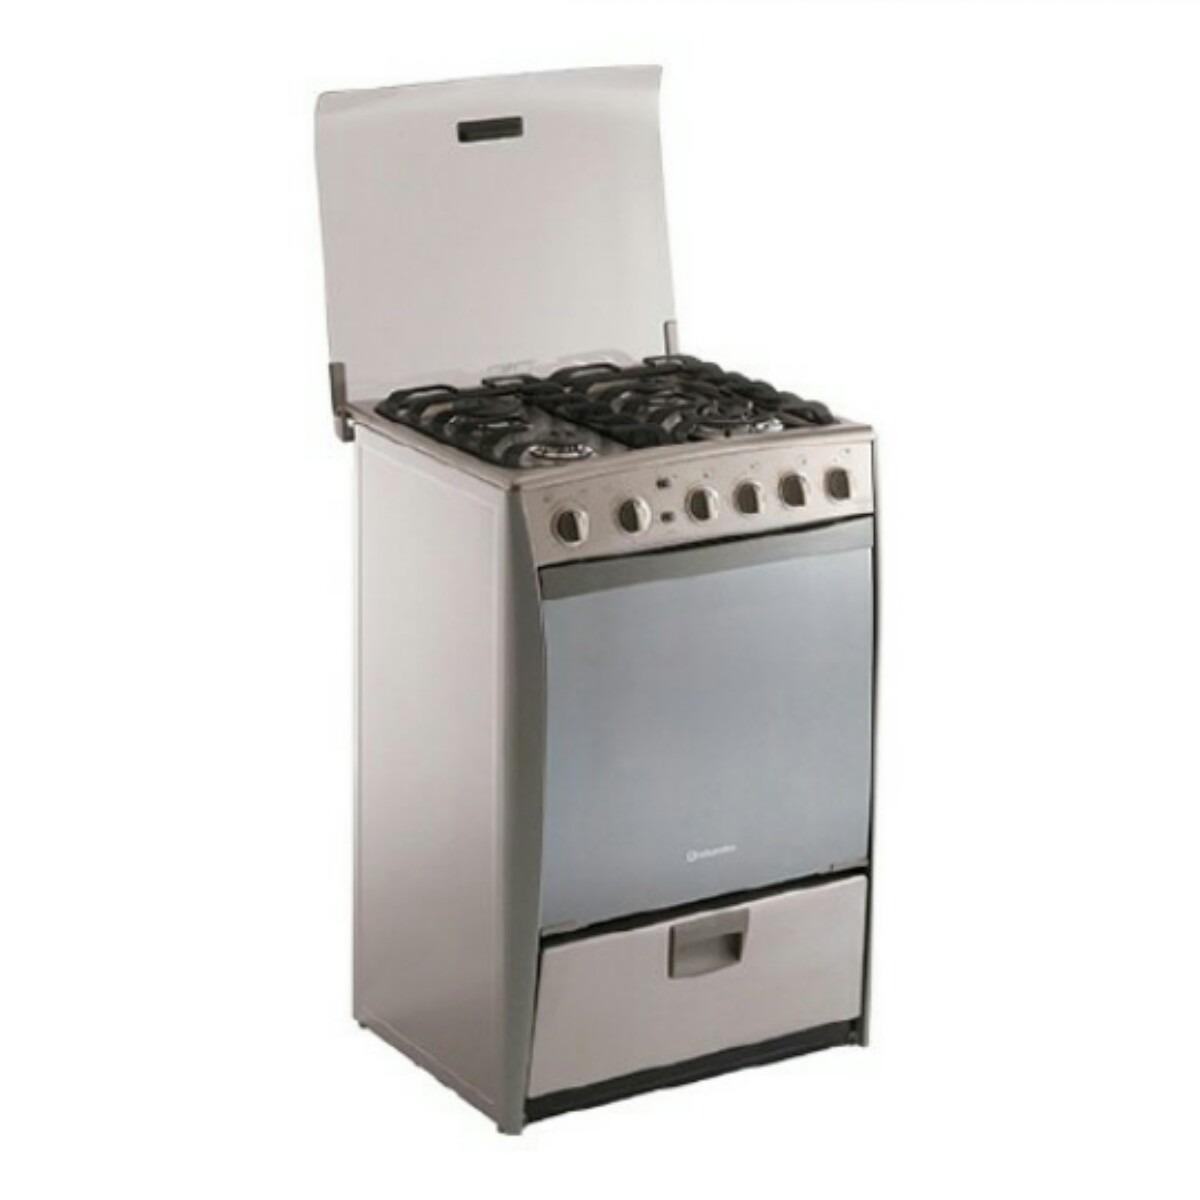 Cocina indurama modelo florencia 4 h nueva somos tienda for Cocinas a gas nuevas